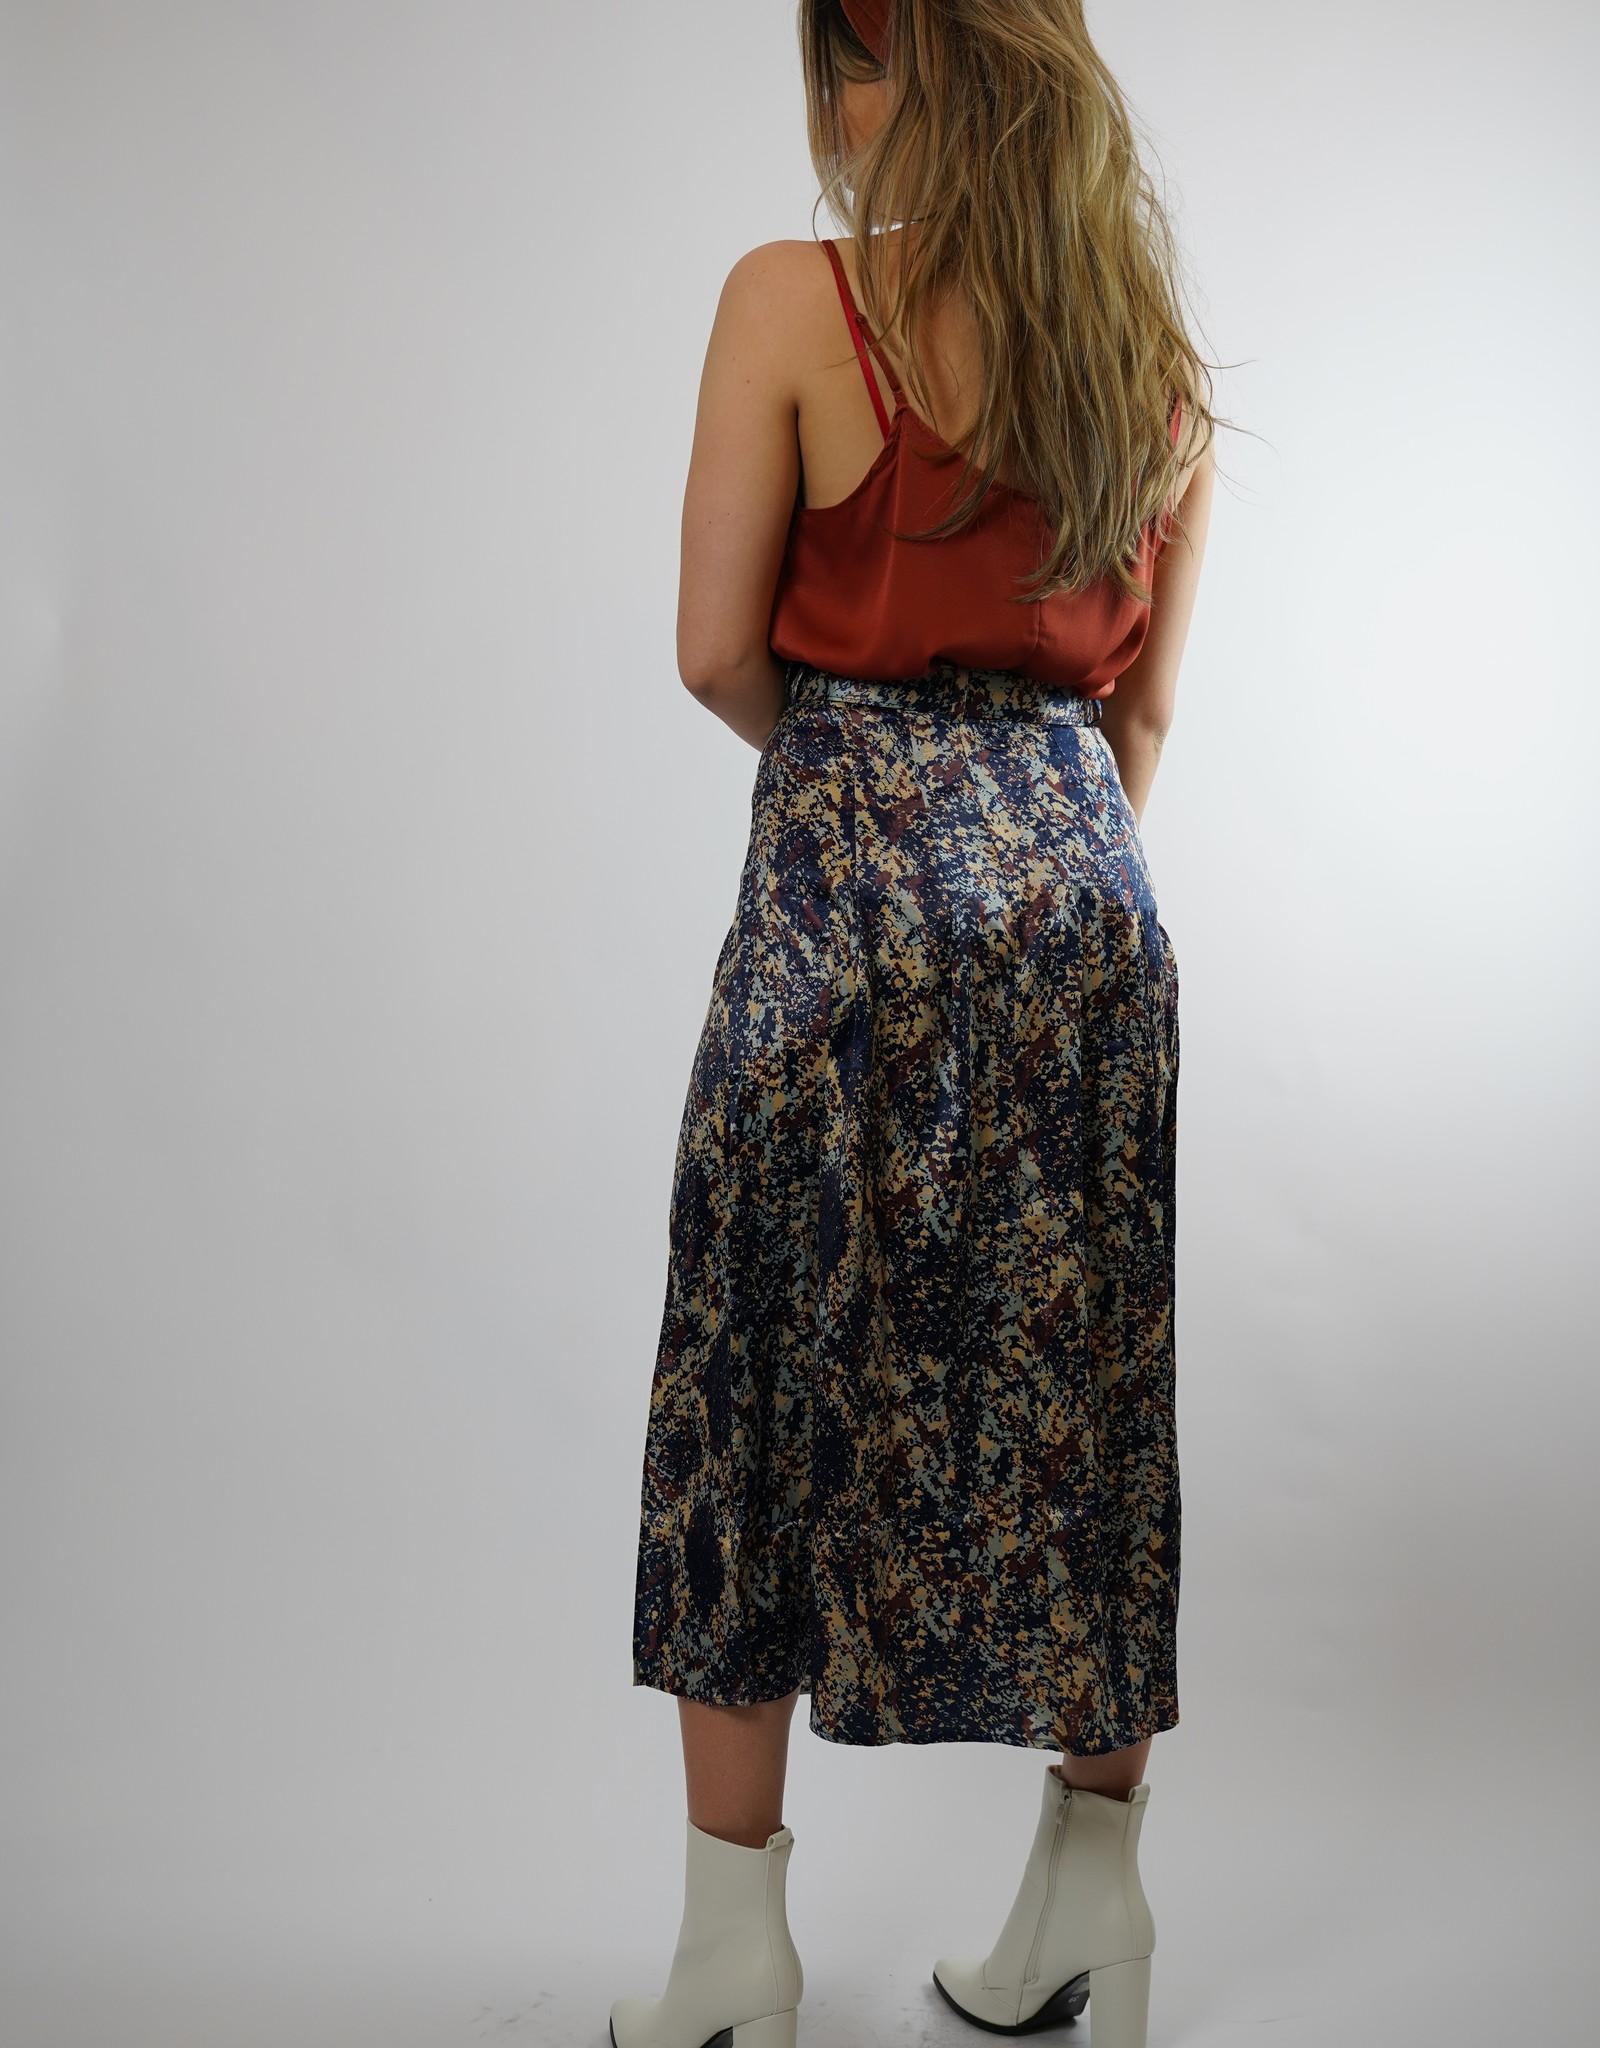 Make My Day Make My Day Satin Snake Skirt Midi